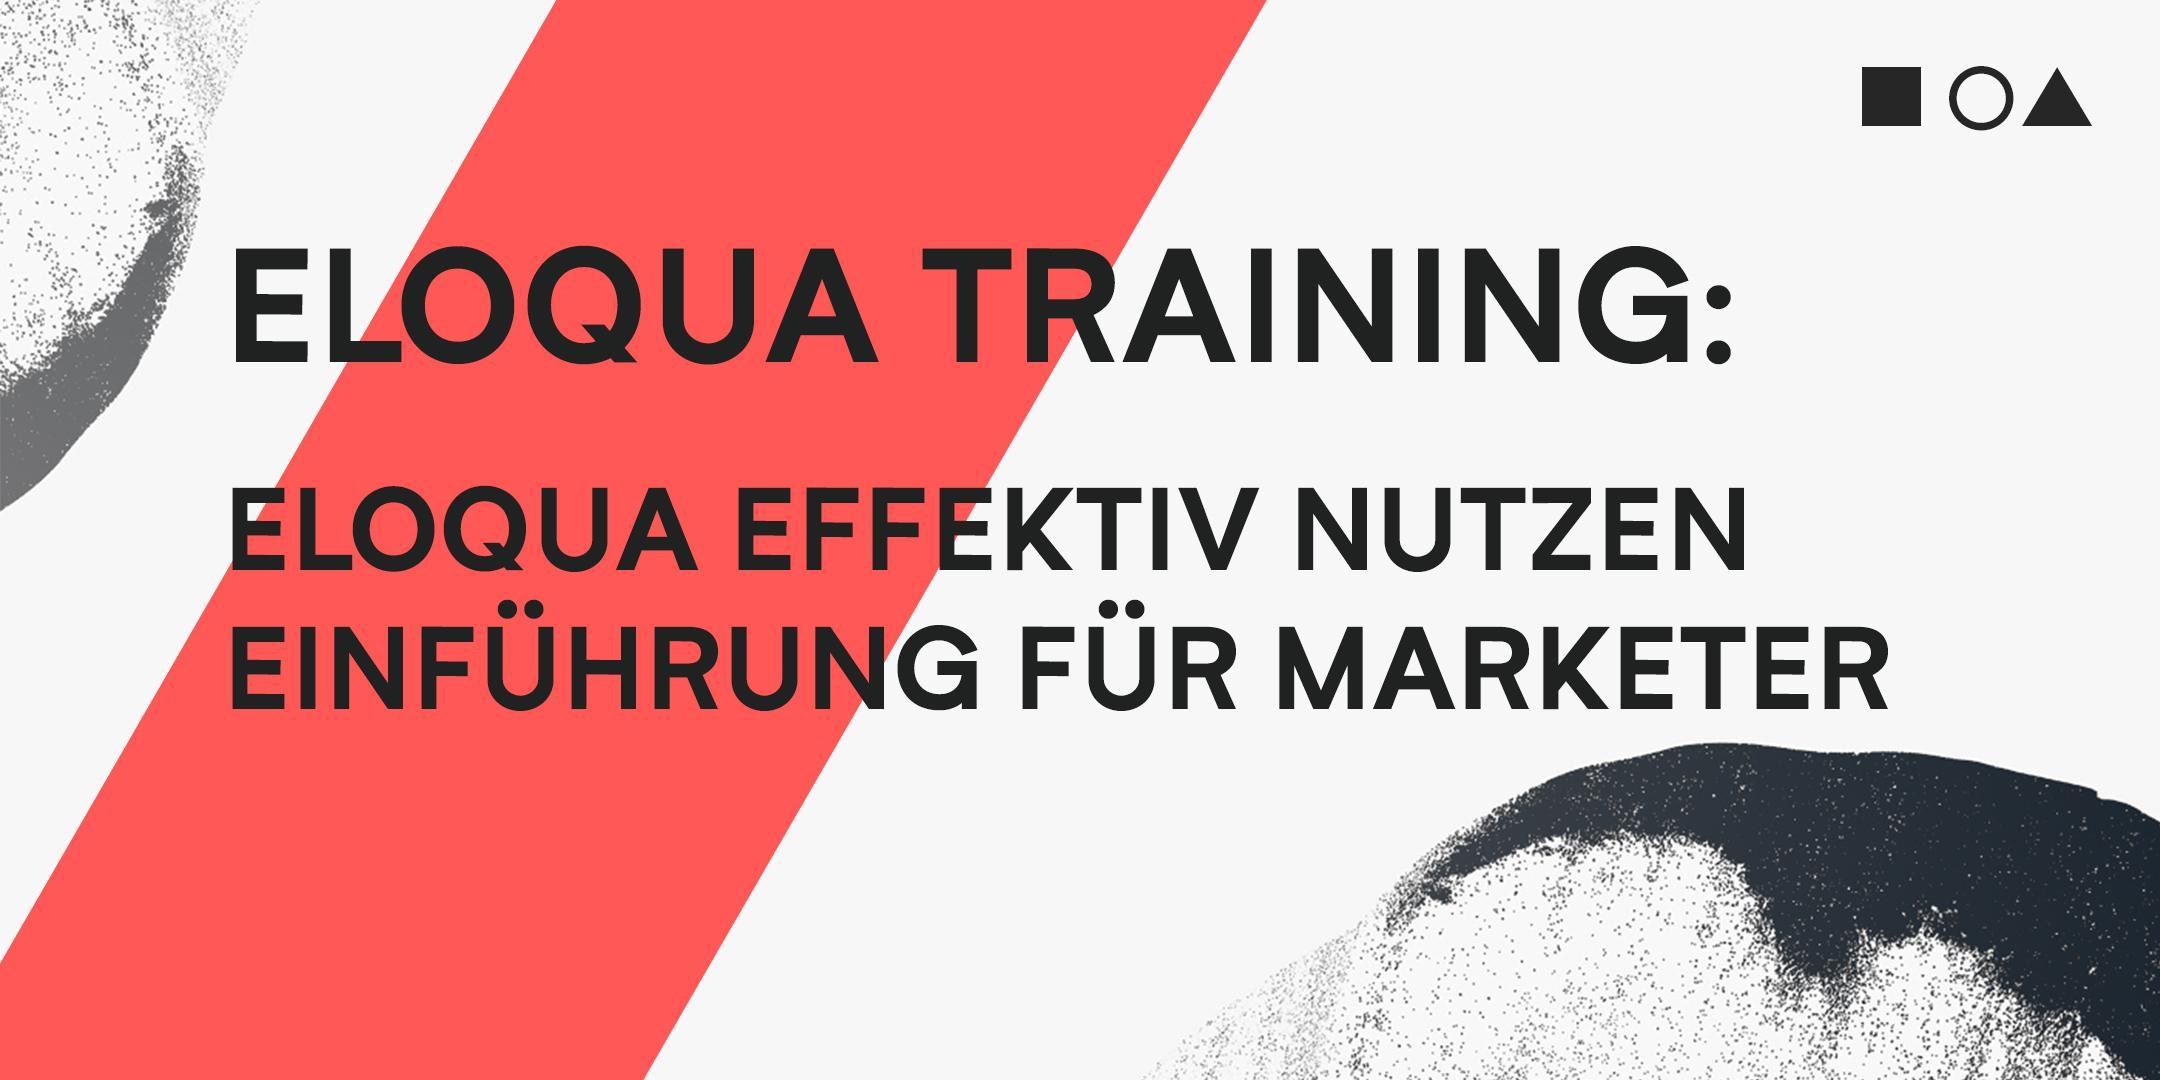 ELOQUA TRAINING: ELOQUA EFFEKTIV NUTZEN - EIN